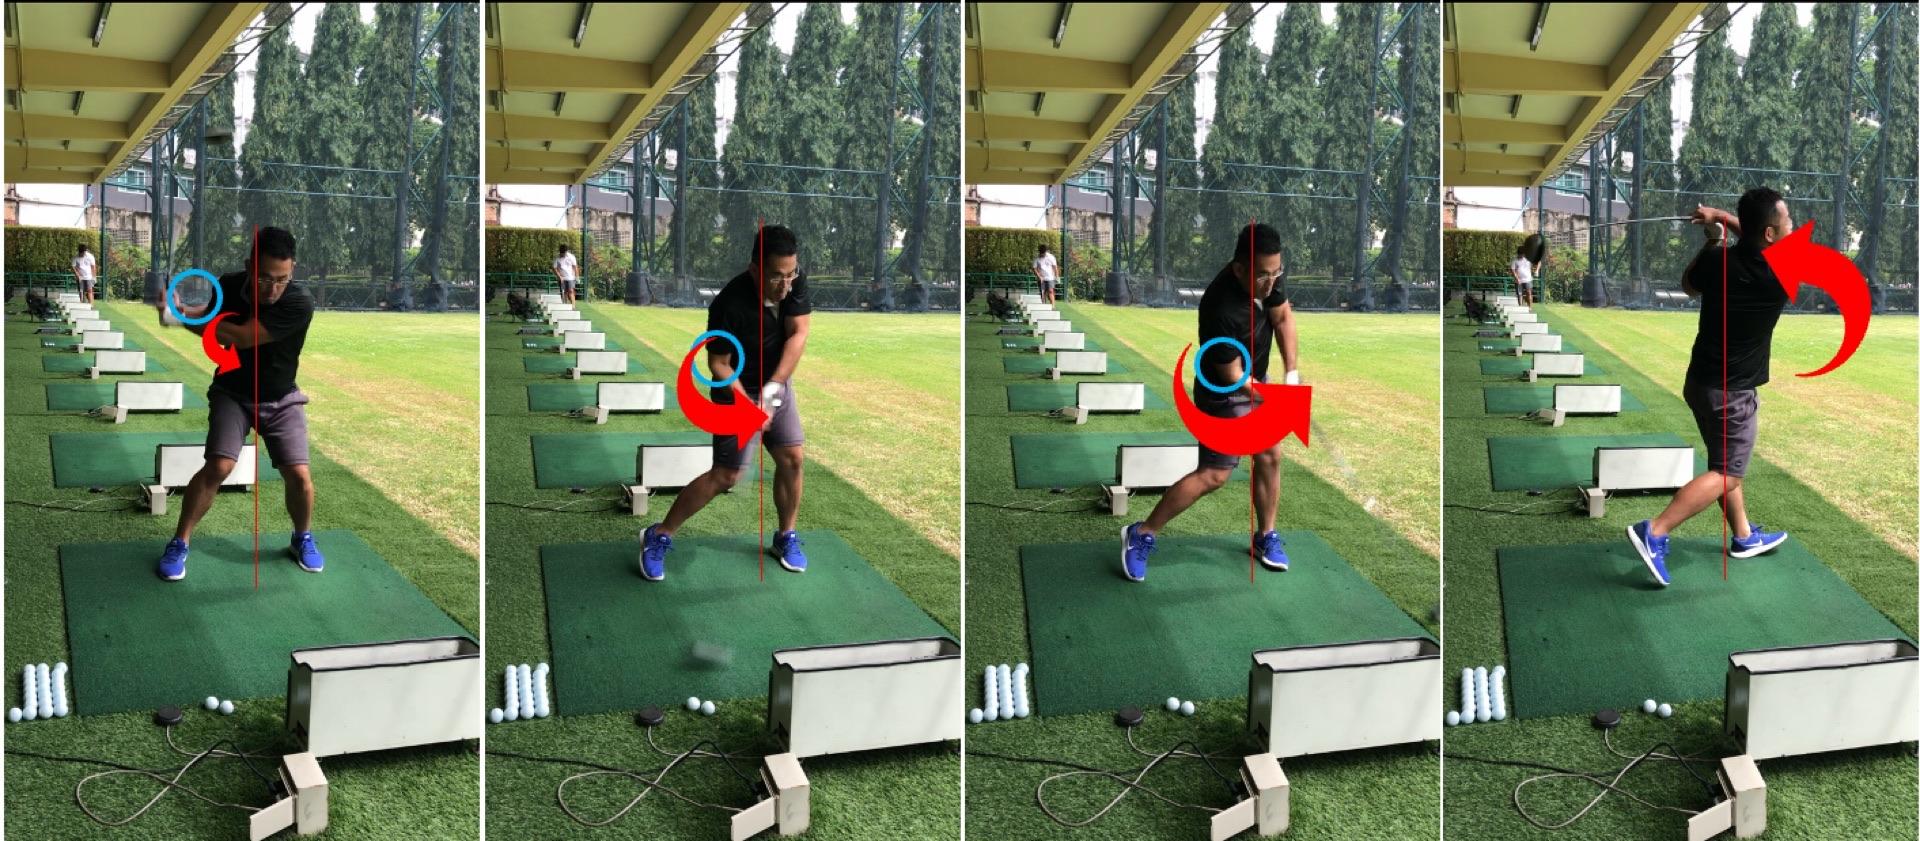 ゴルフスイングと右肘の動き